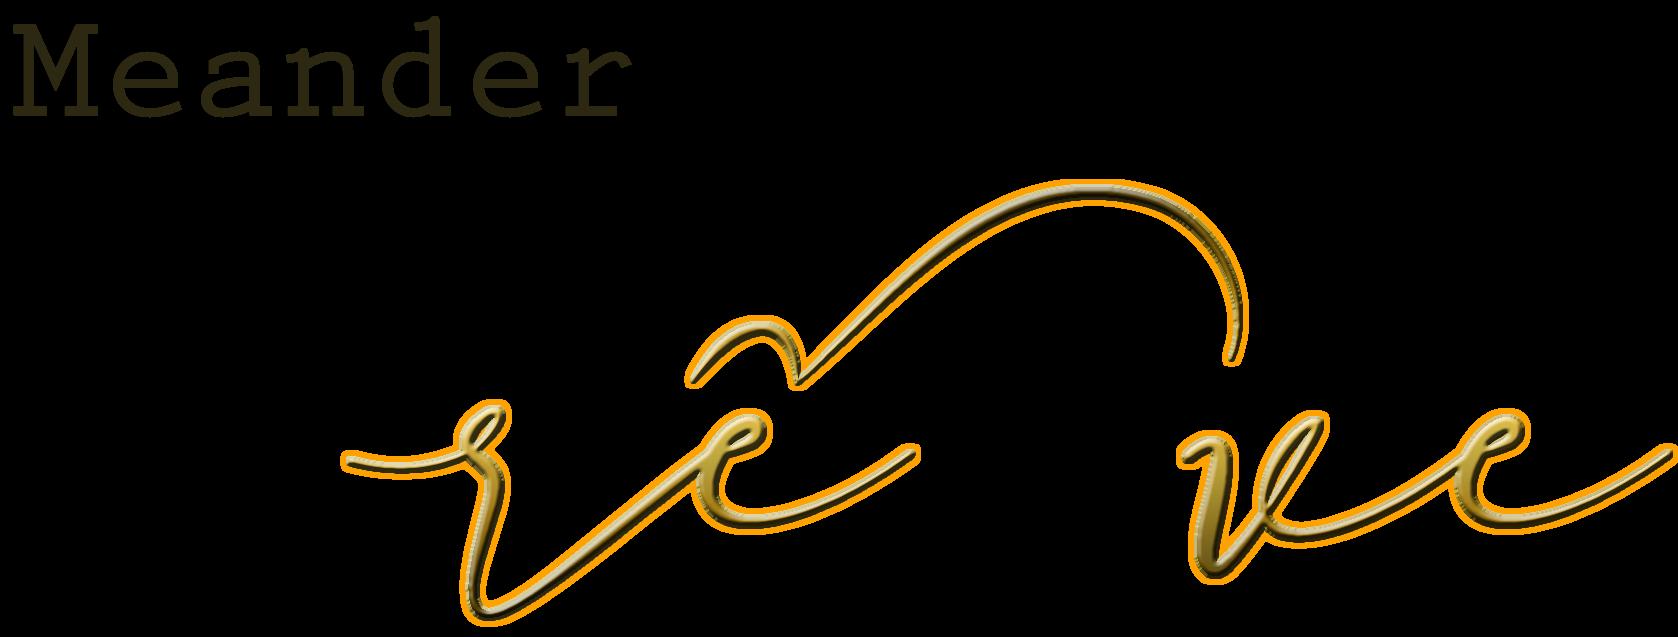 Meander by Rêve